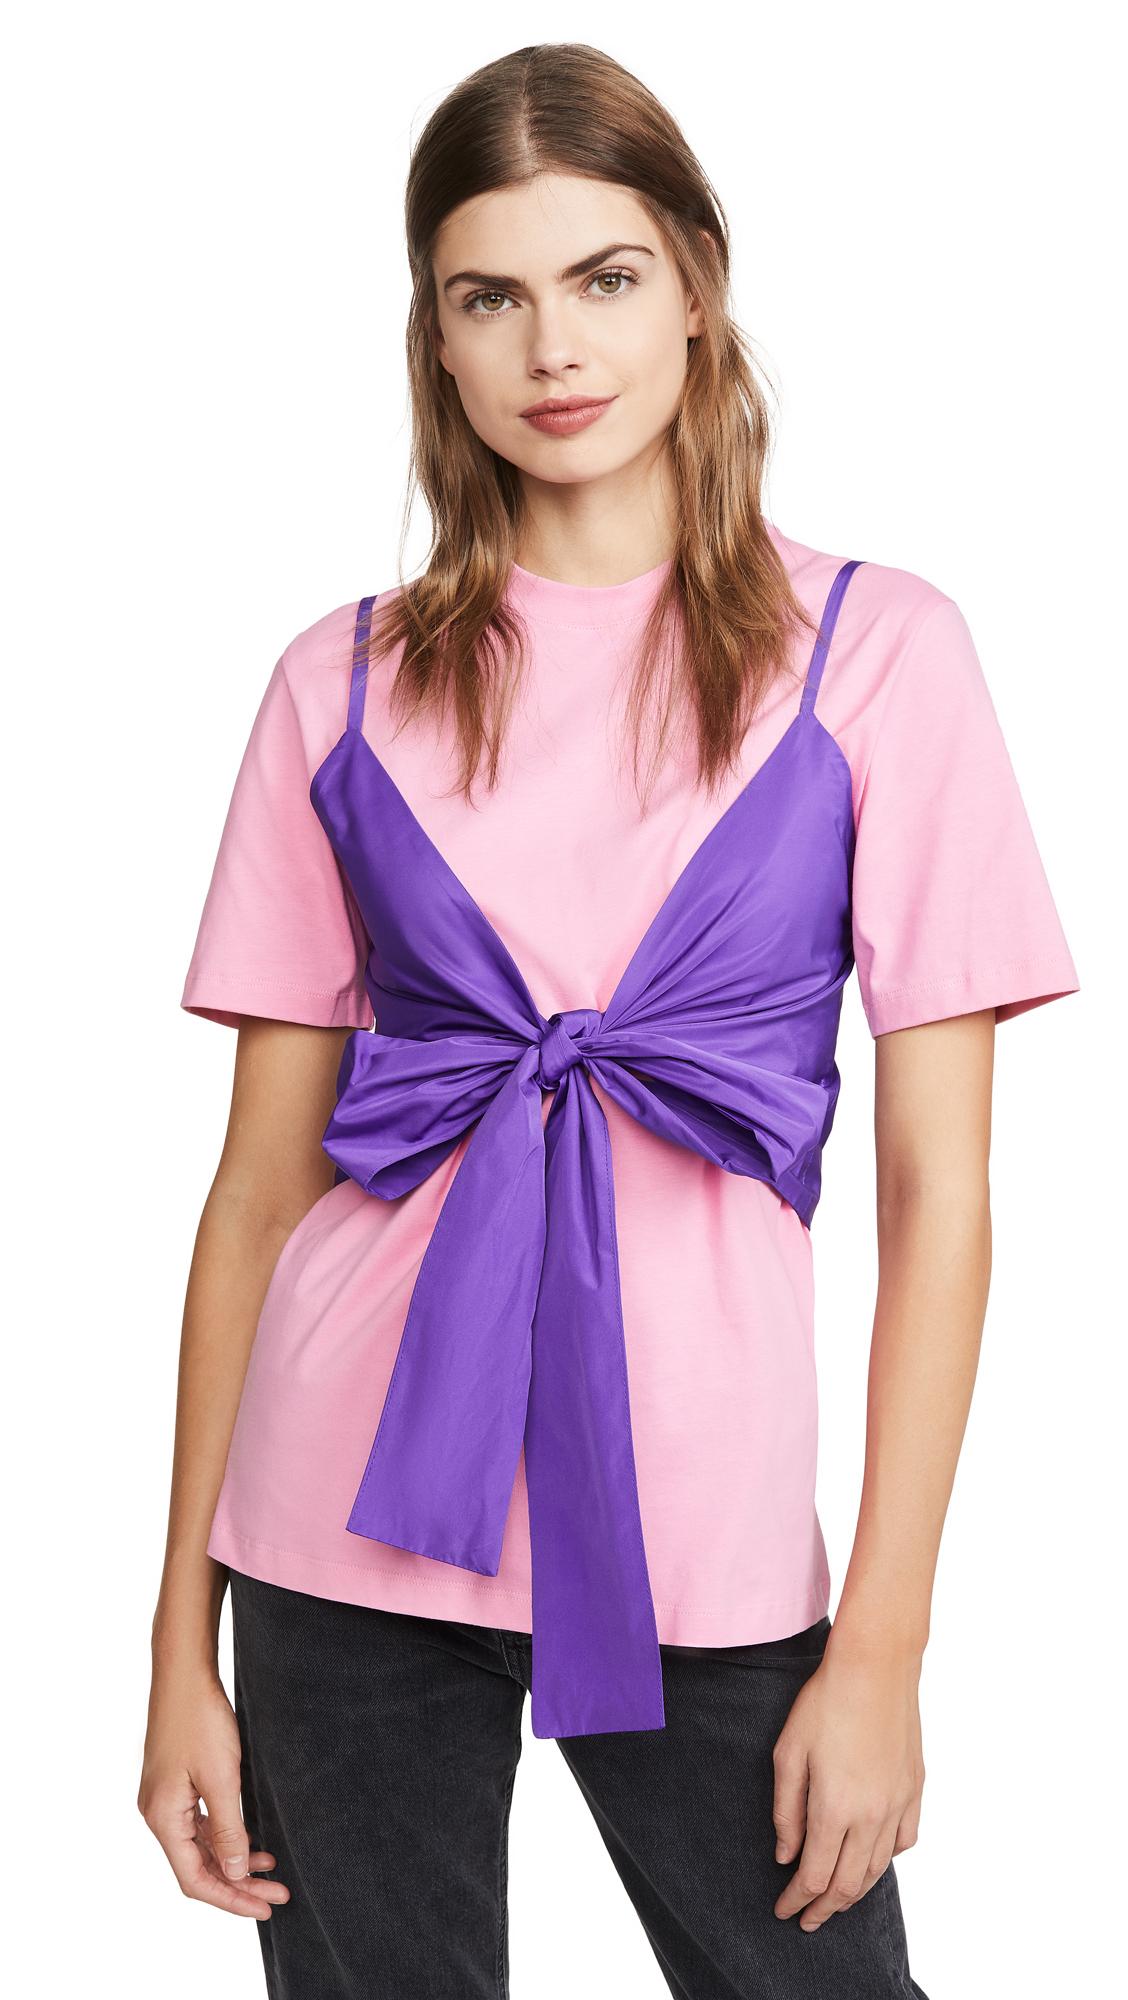 MSGM Tie Front T-Shirt Blouse – 60% Off Sale